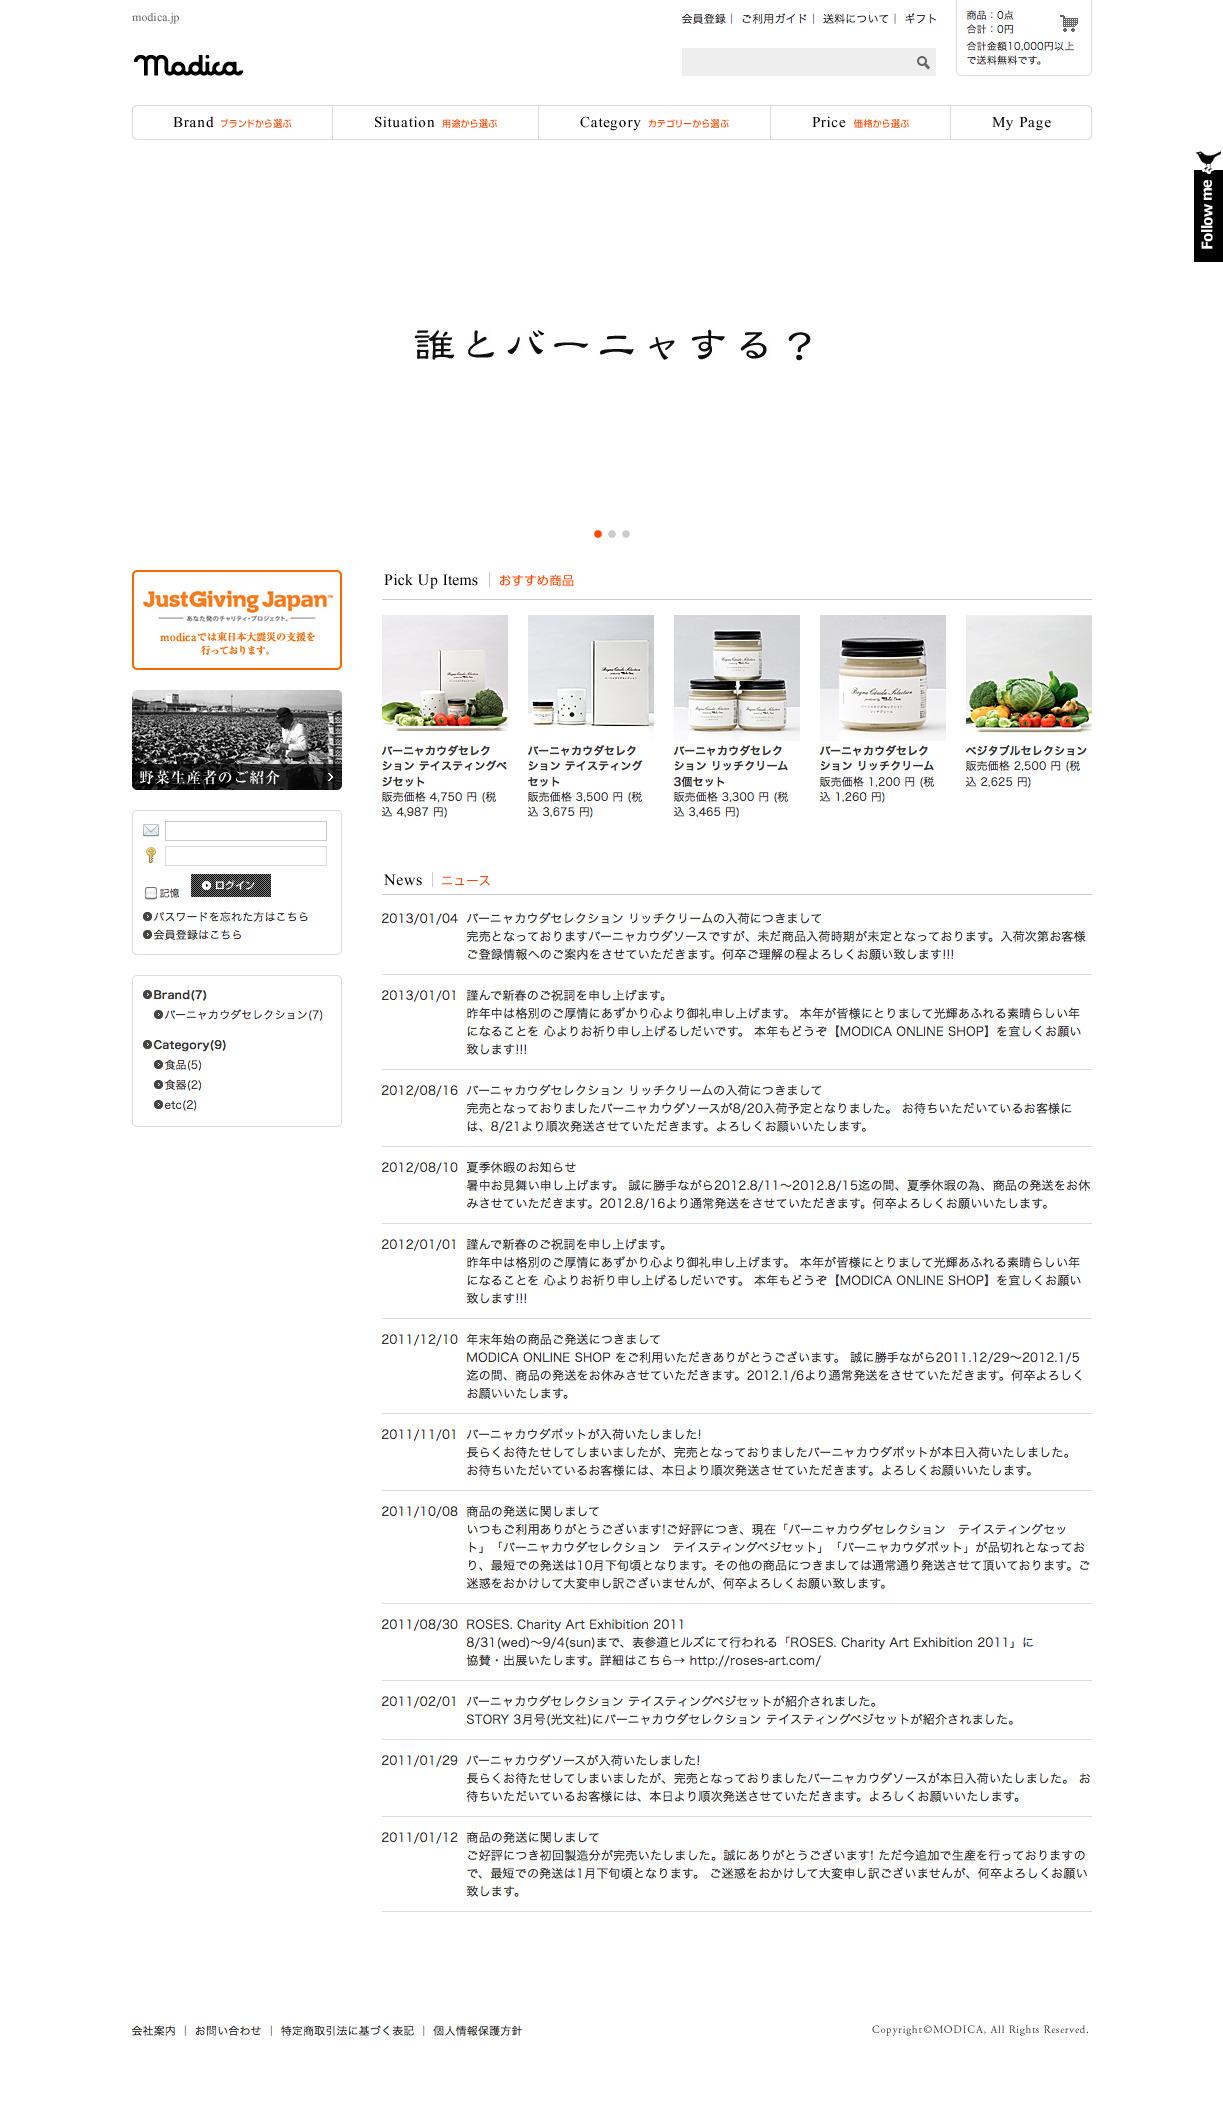 Modica - バーニャカウダをはじめ、様々な食品・食材をご提供するオンラインショップ「モディカ」です。